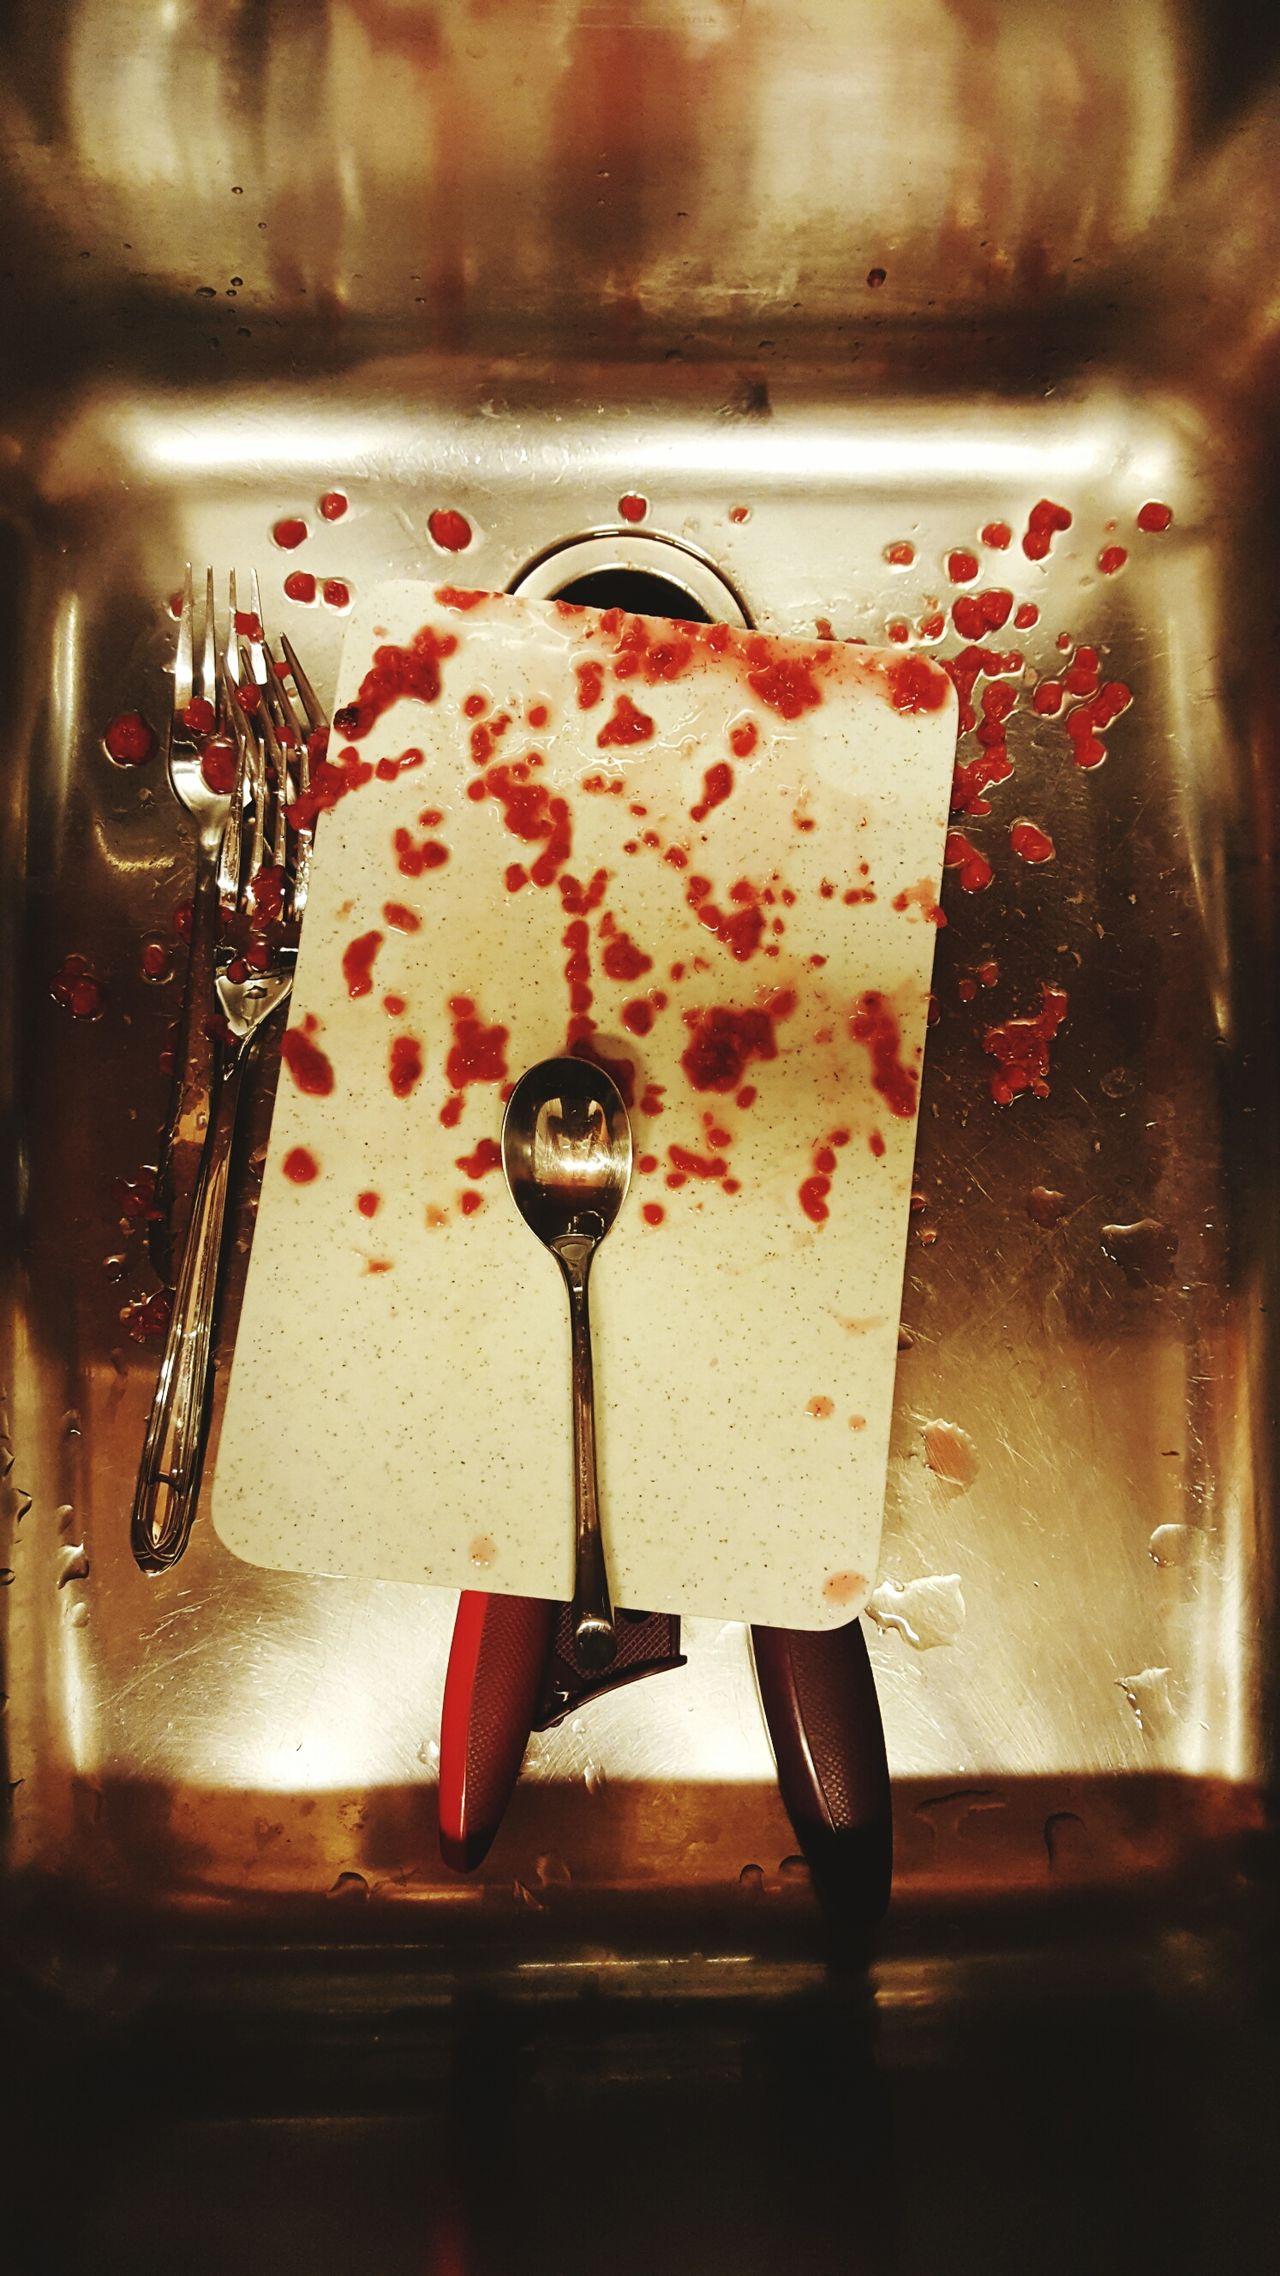 EyeEm Gallery EyeEm Best Shots Kitchen Berries Spoon Fork & Knife Sink Indoors  No People Close-up Red Pink